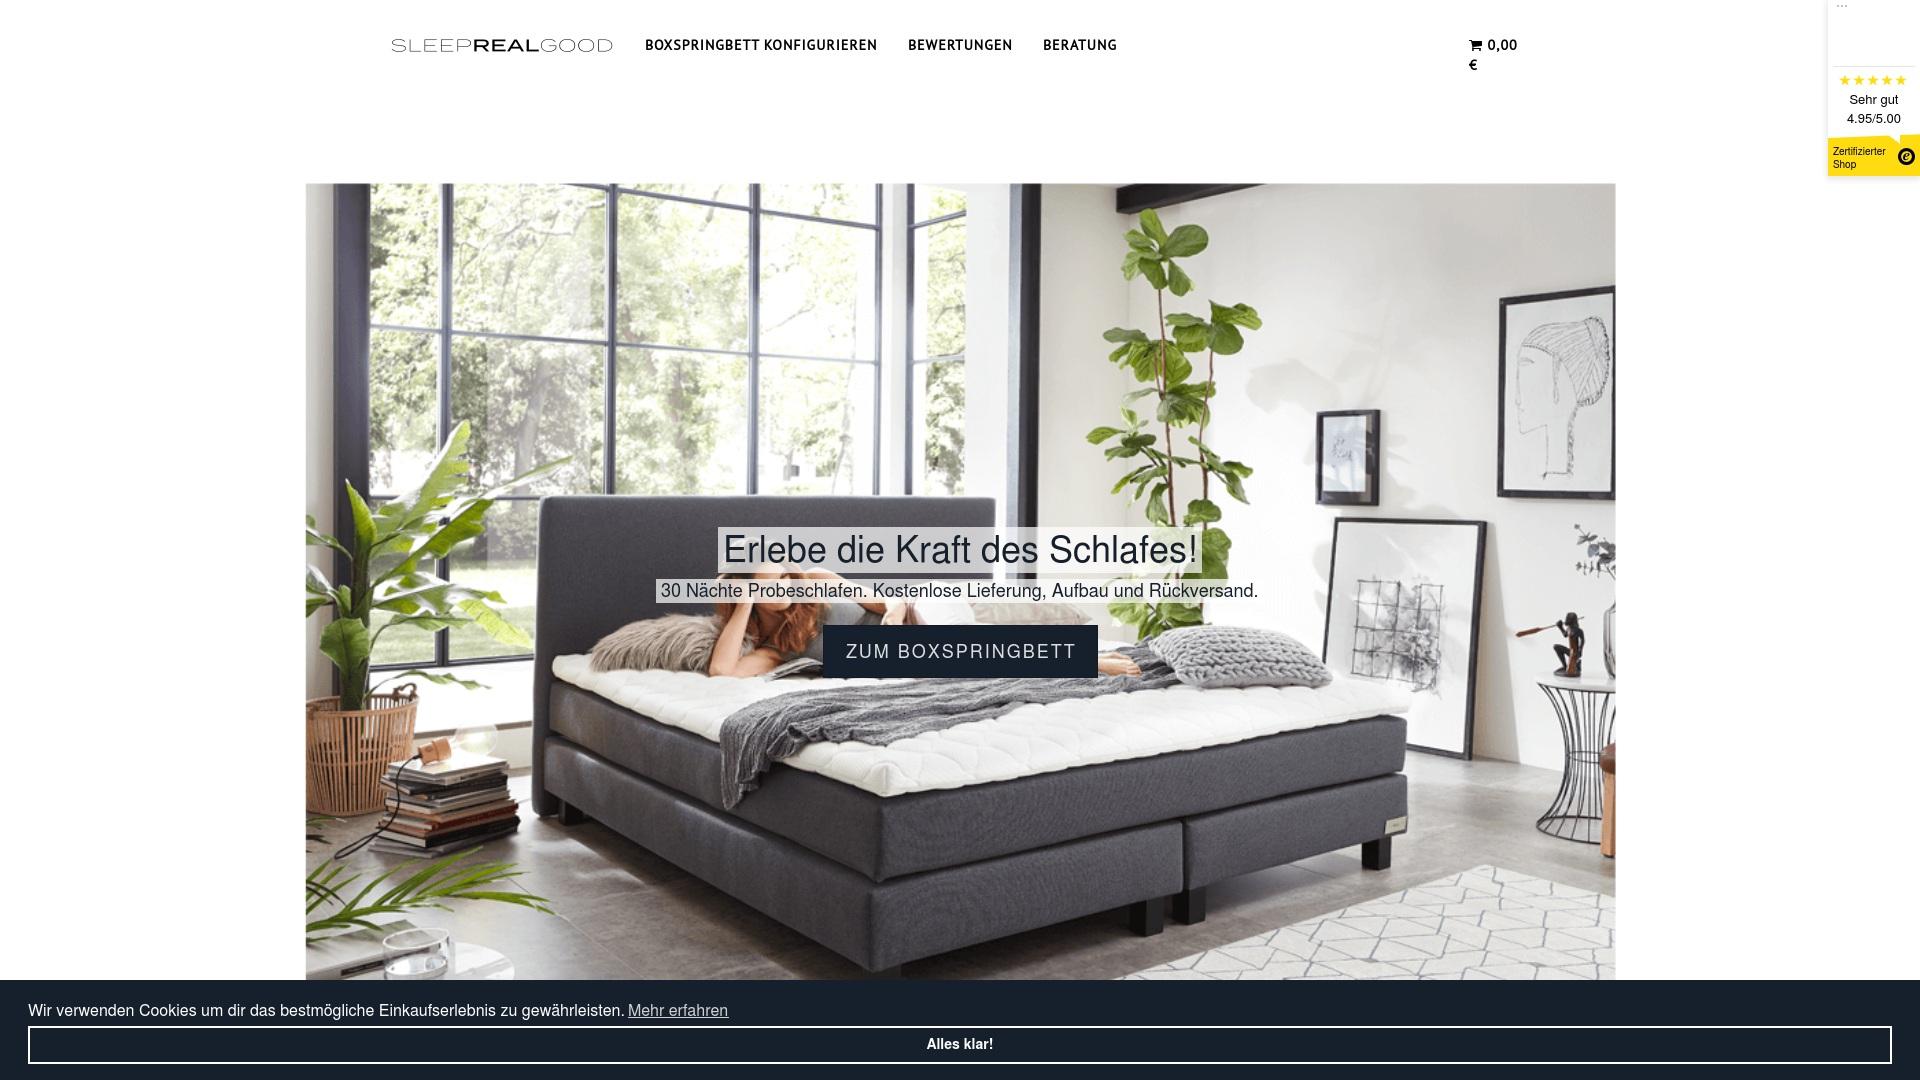 Gutschein für Sleeprealgood: Rabatte für  Sleeprealgood sichern